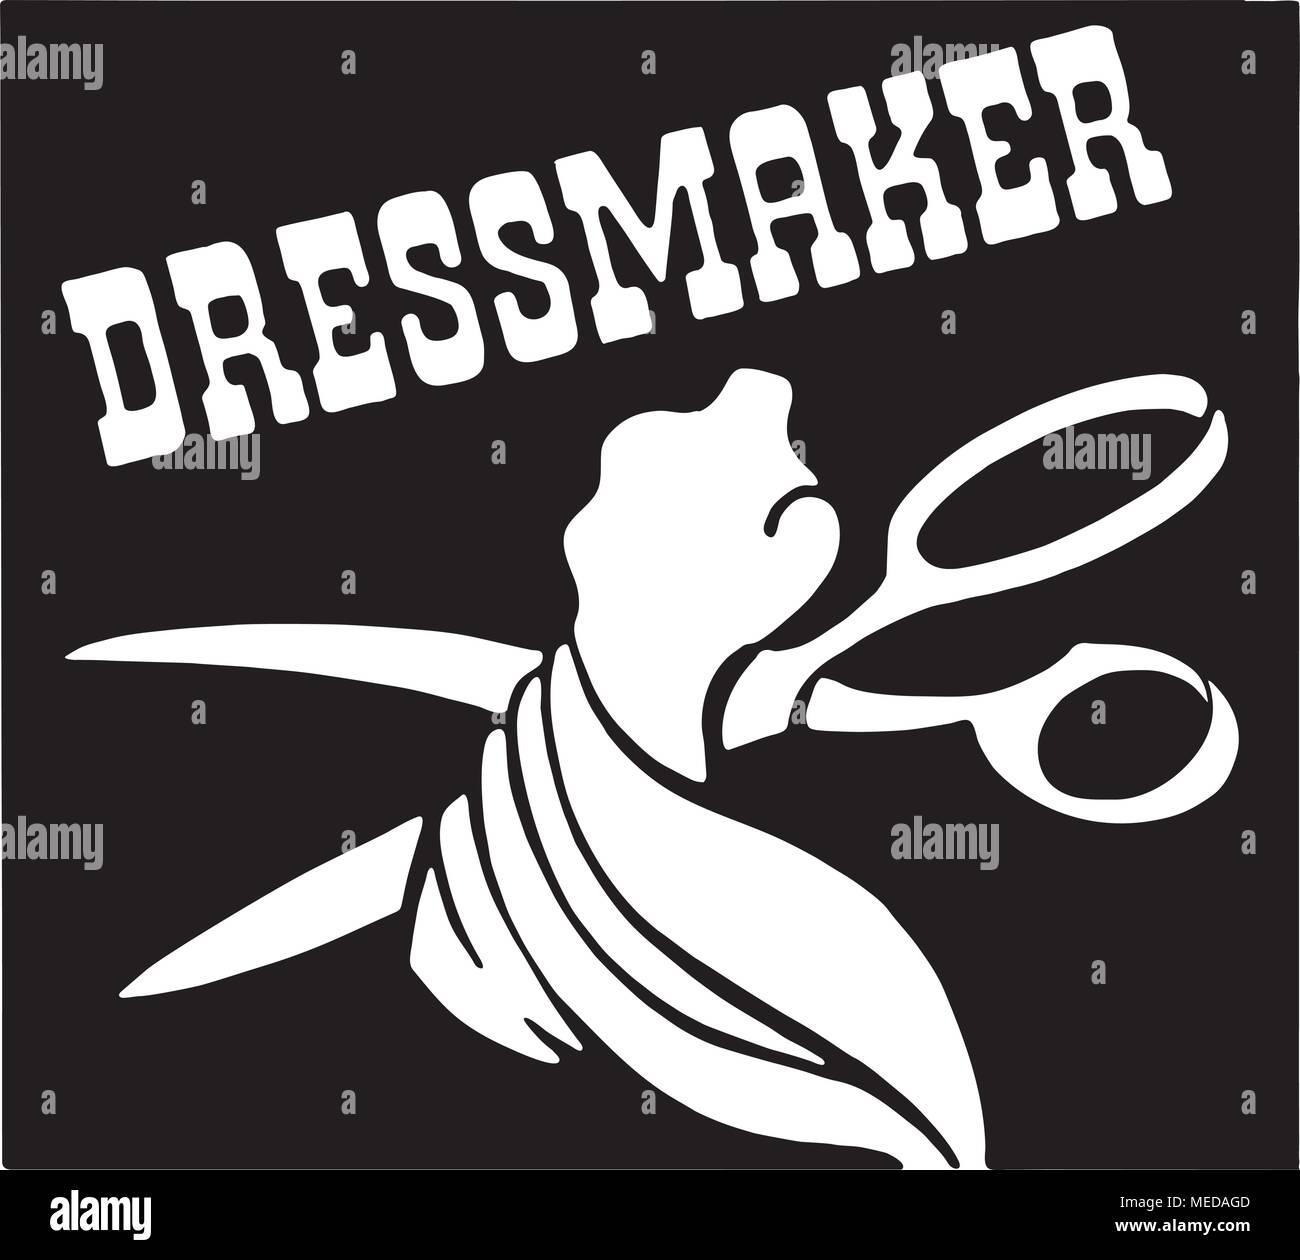 Dressmaker - Retro Ad Art Banner - Stock Vector